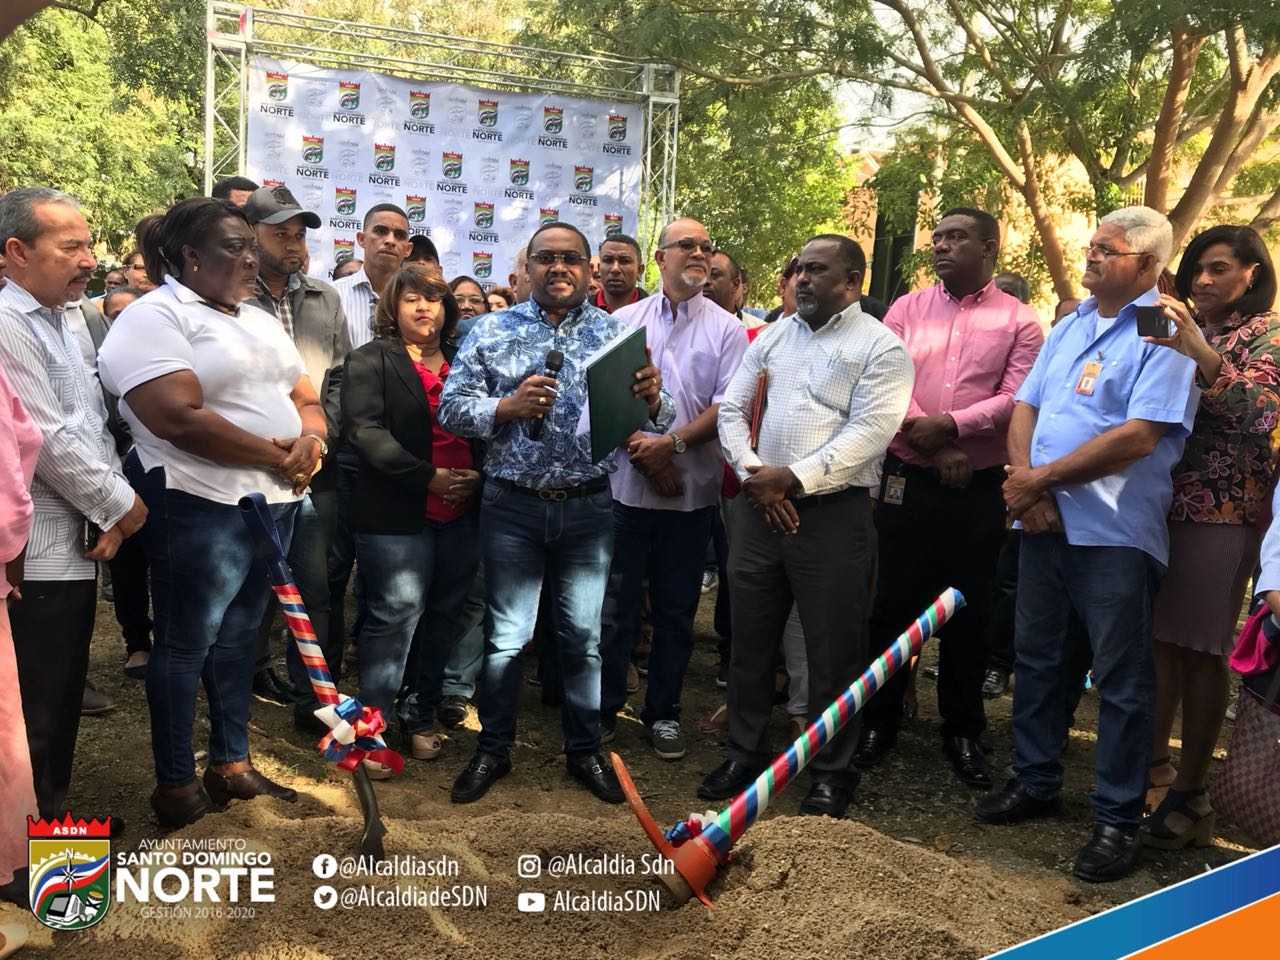 En Los Palmares de Sabana Perdida están contentos por inicio arreglo de su parque gracias a Alcaldía SDN y Pascal